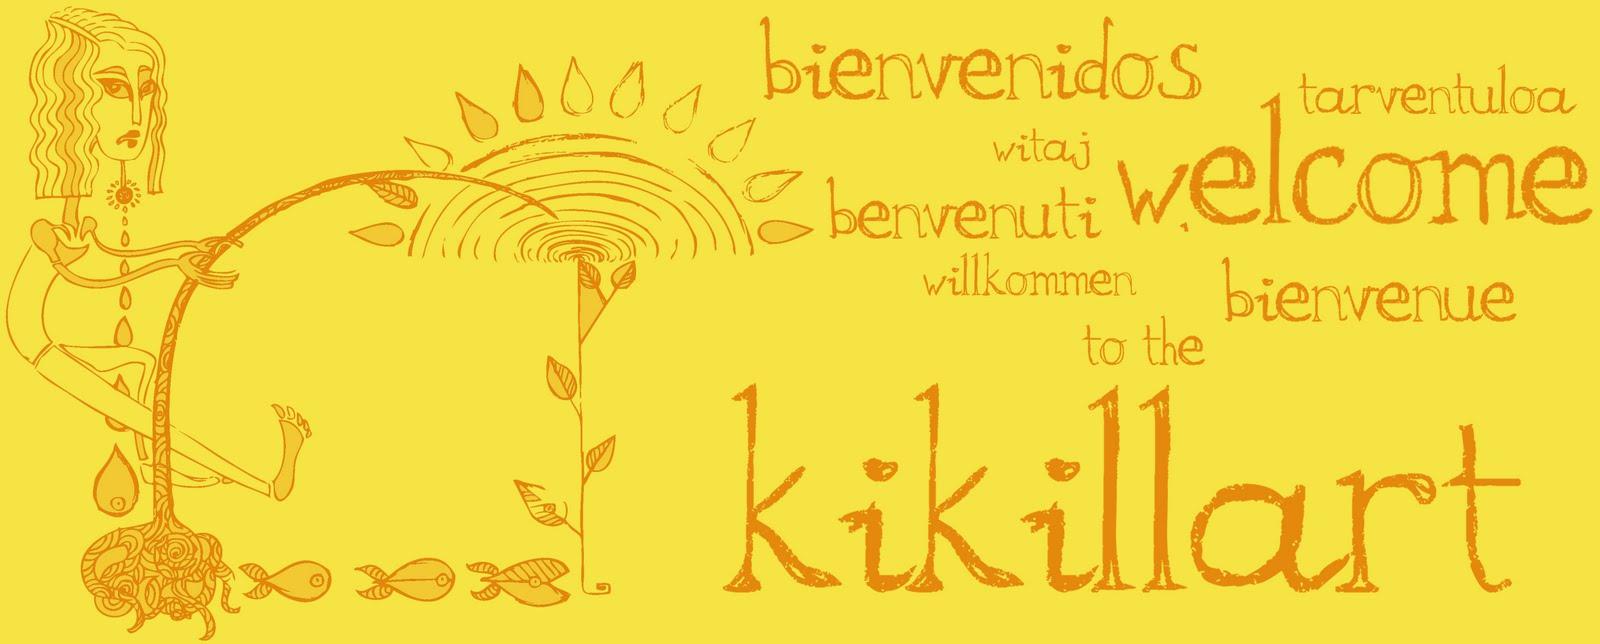 kikillart